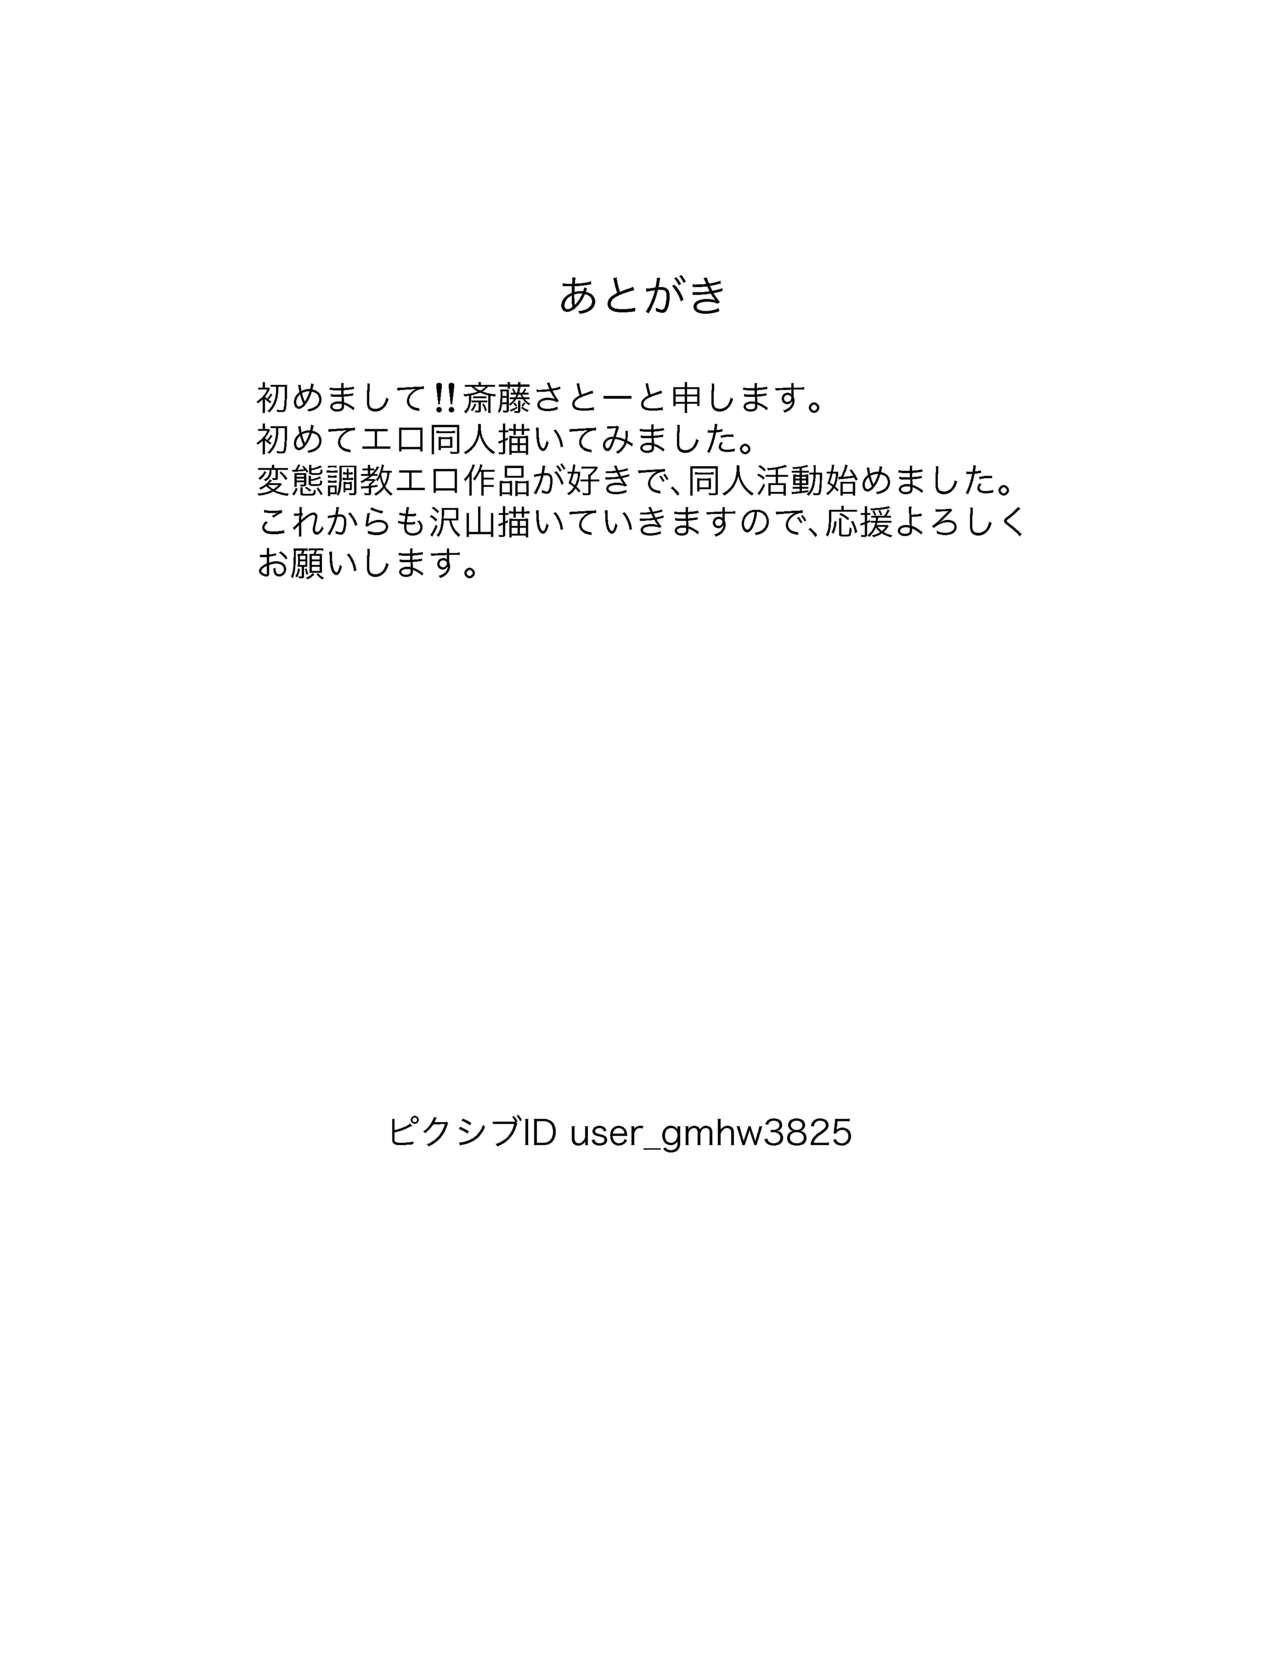 Sakura Cos Shota Kyousei Rojou Hentai Choukyou Gokumonsatsu 17